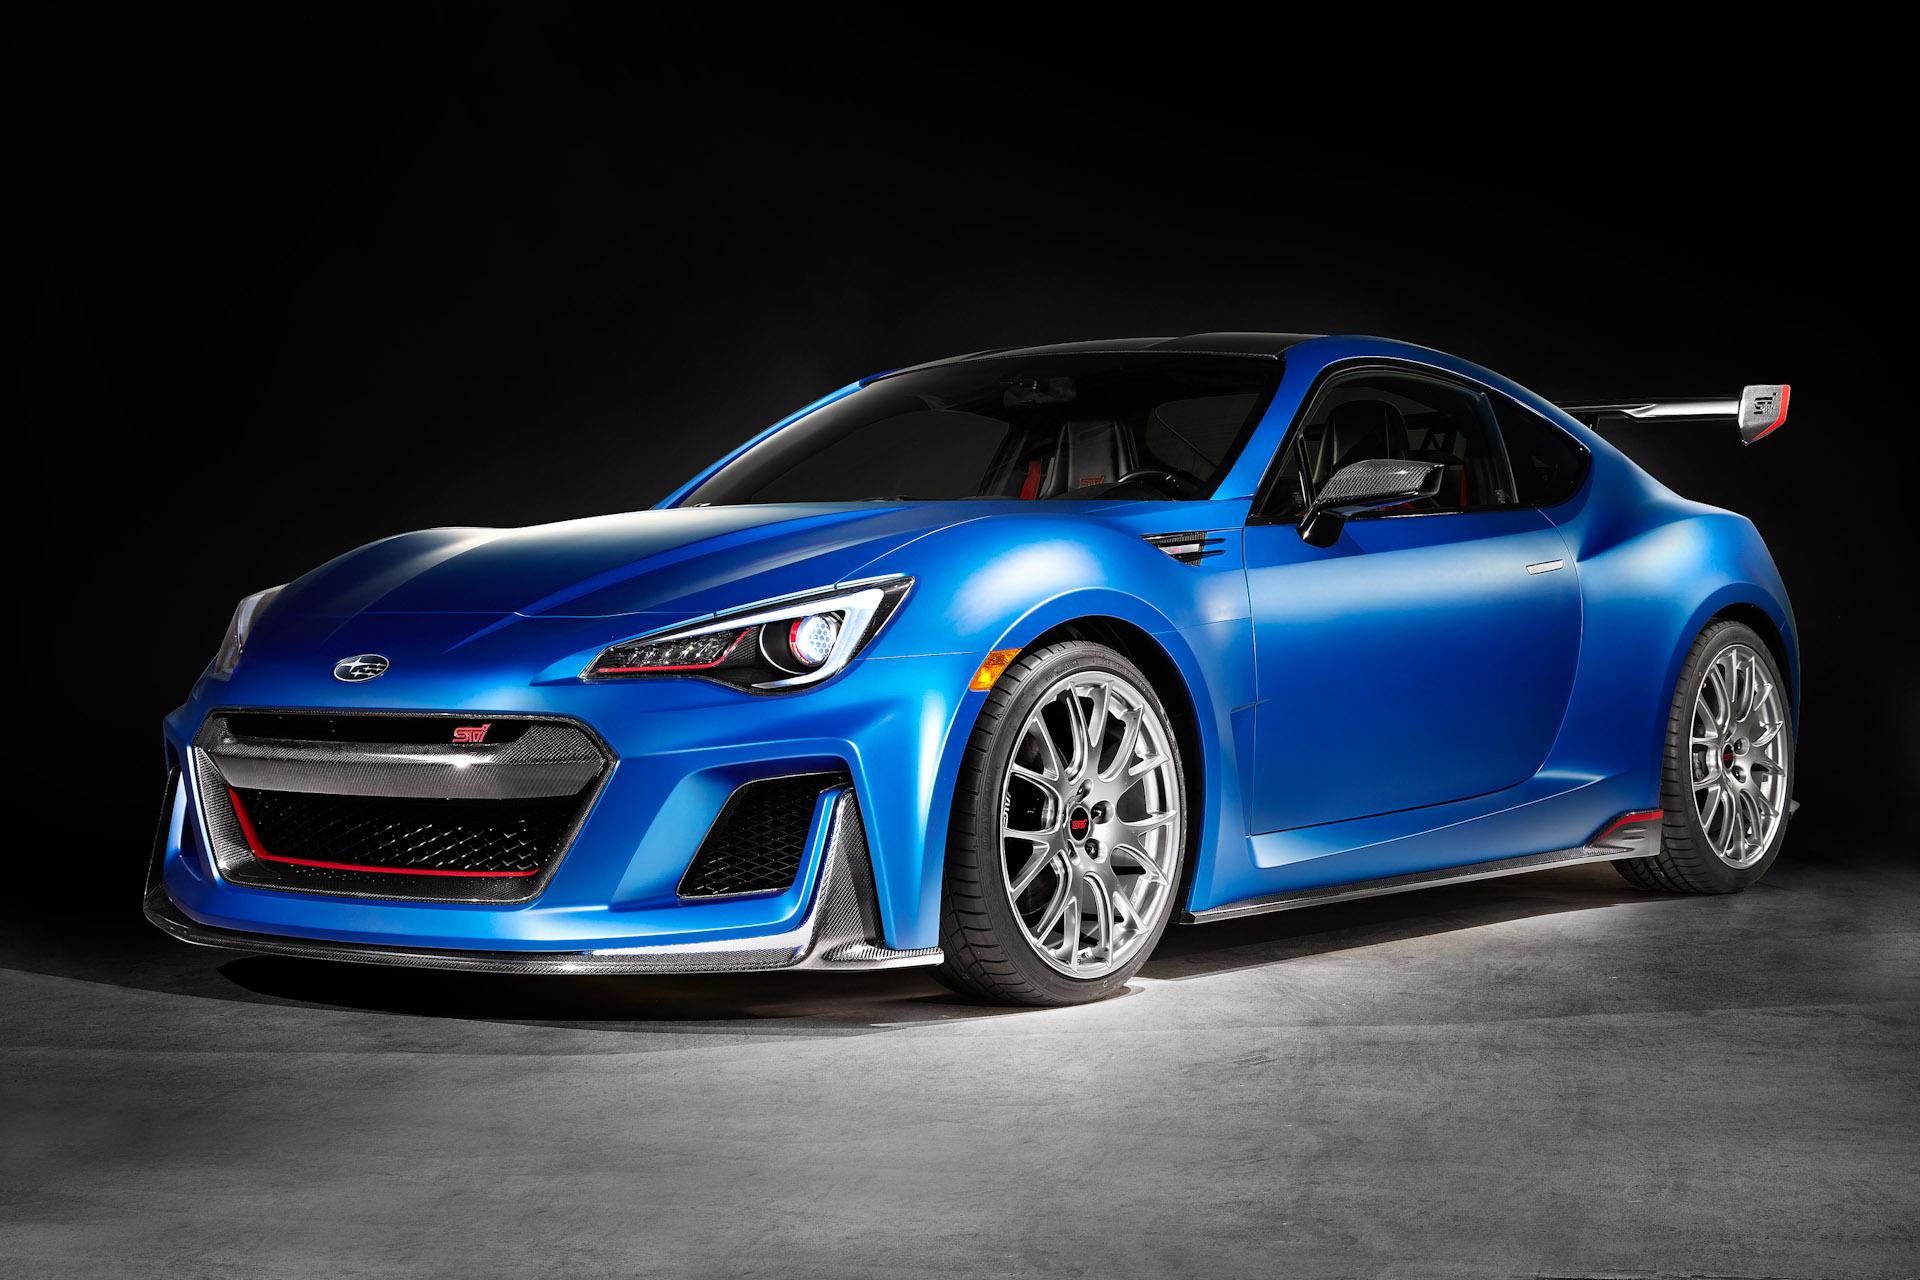 ... Subaru BRZ STI Price as well Subaru BRZ STI Engine also Subaru 2 0